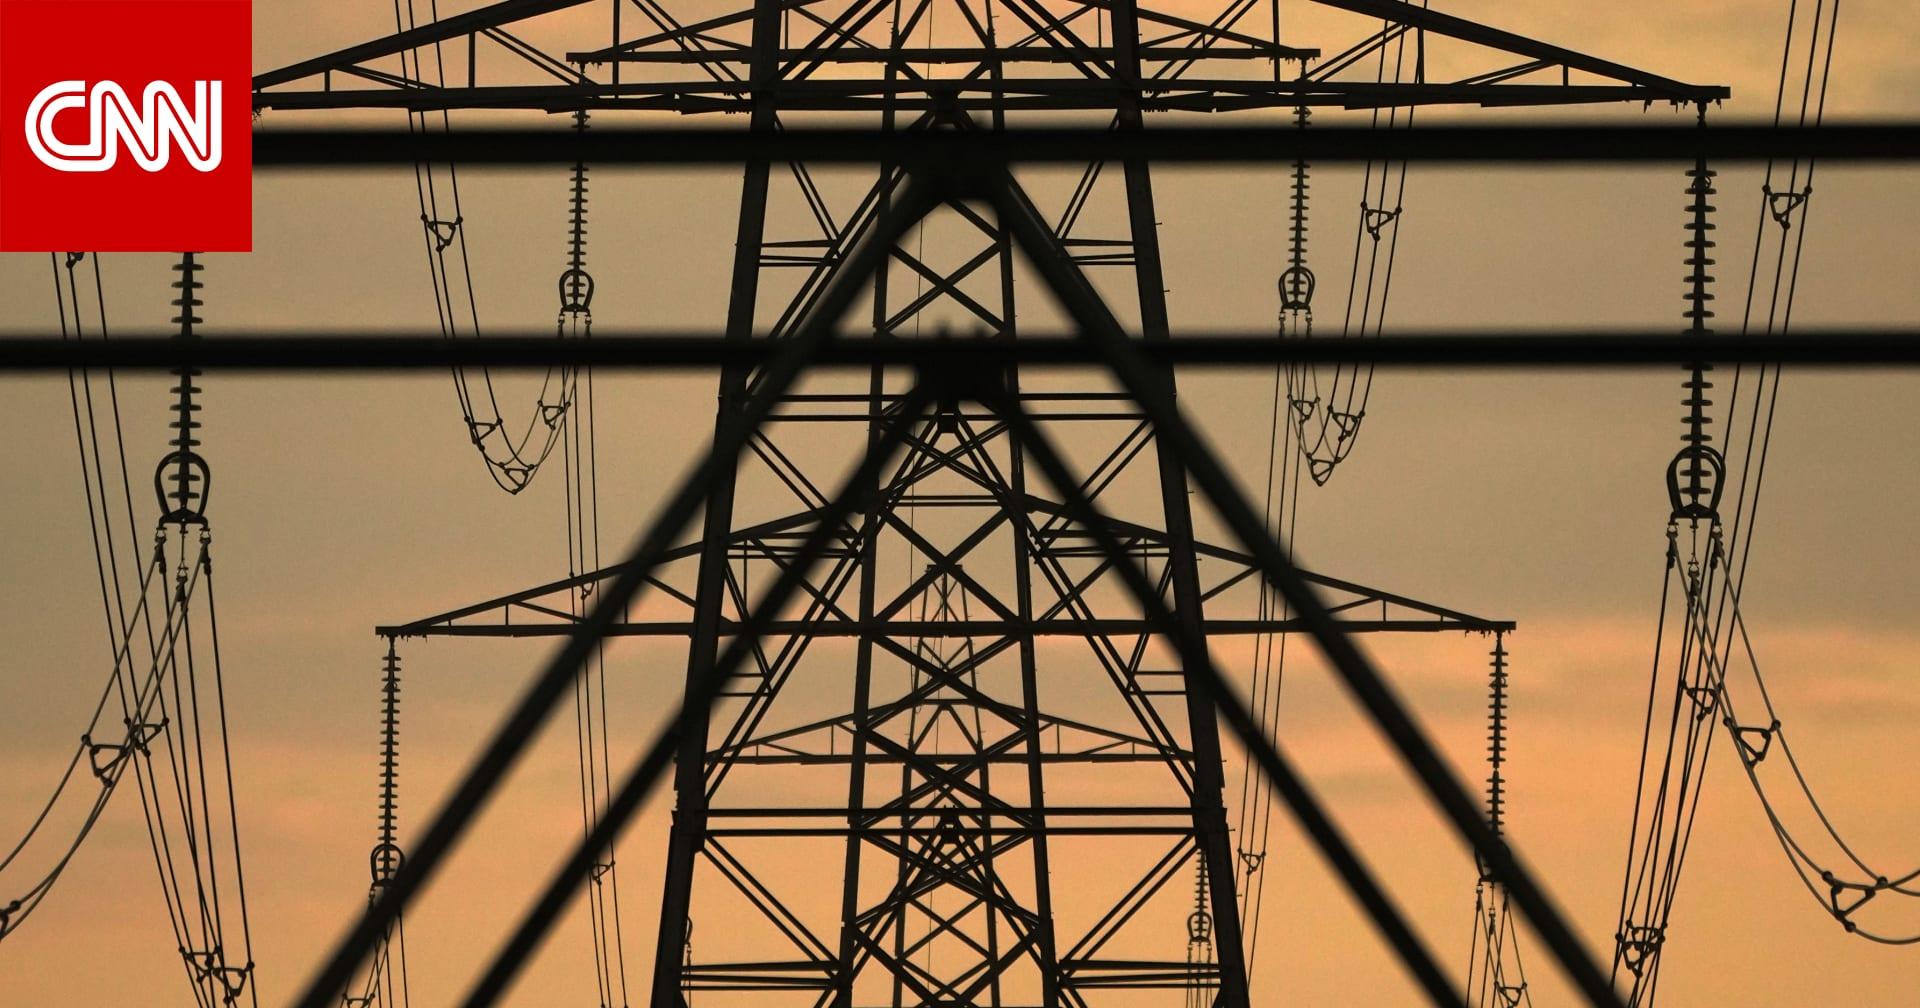 الاتفاق على تزويد لبنان بالطاقة الكهربائية من الأردن